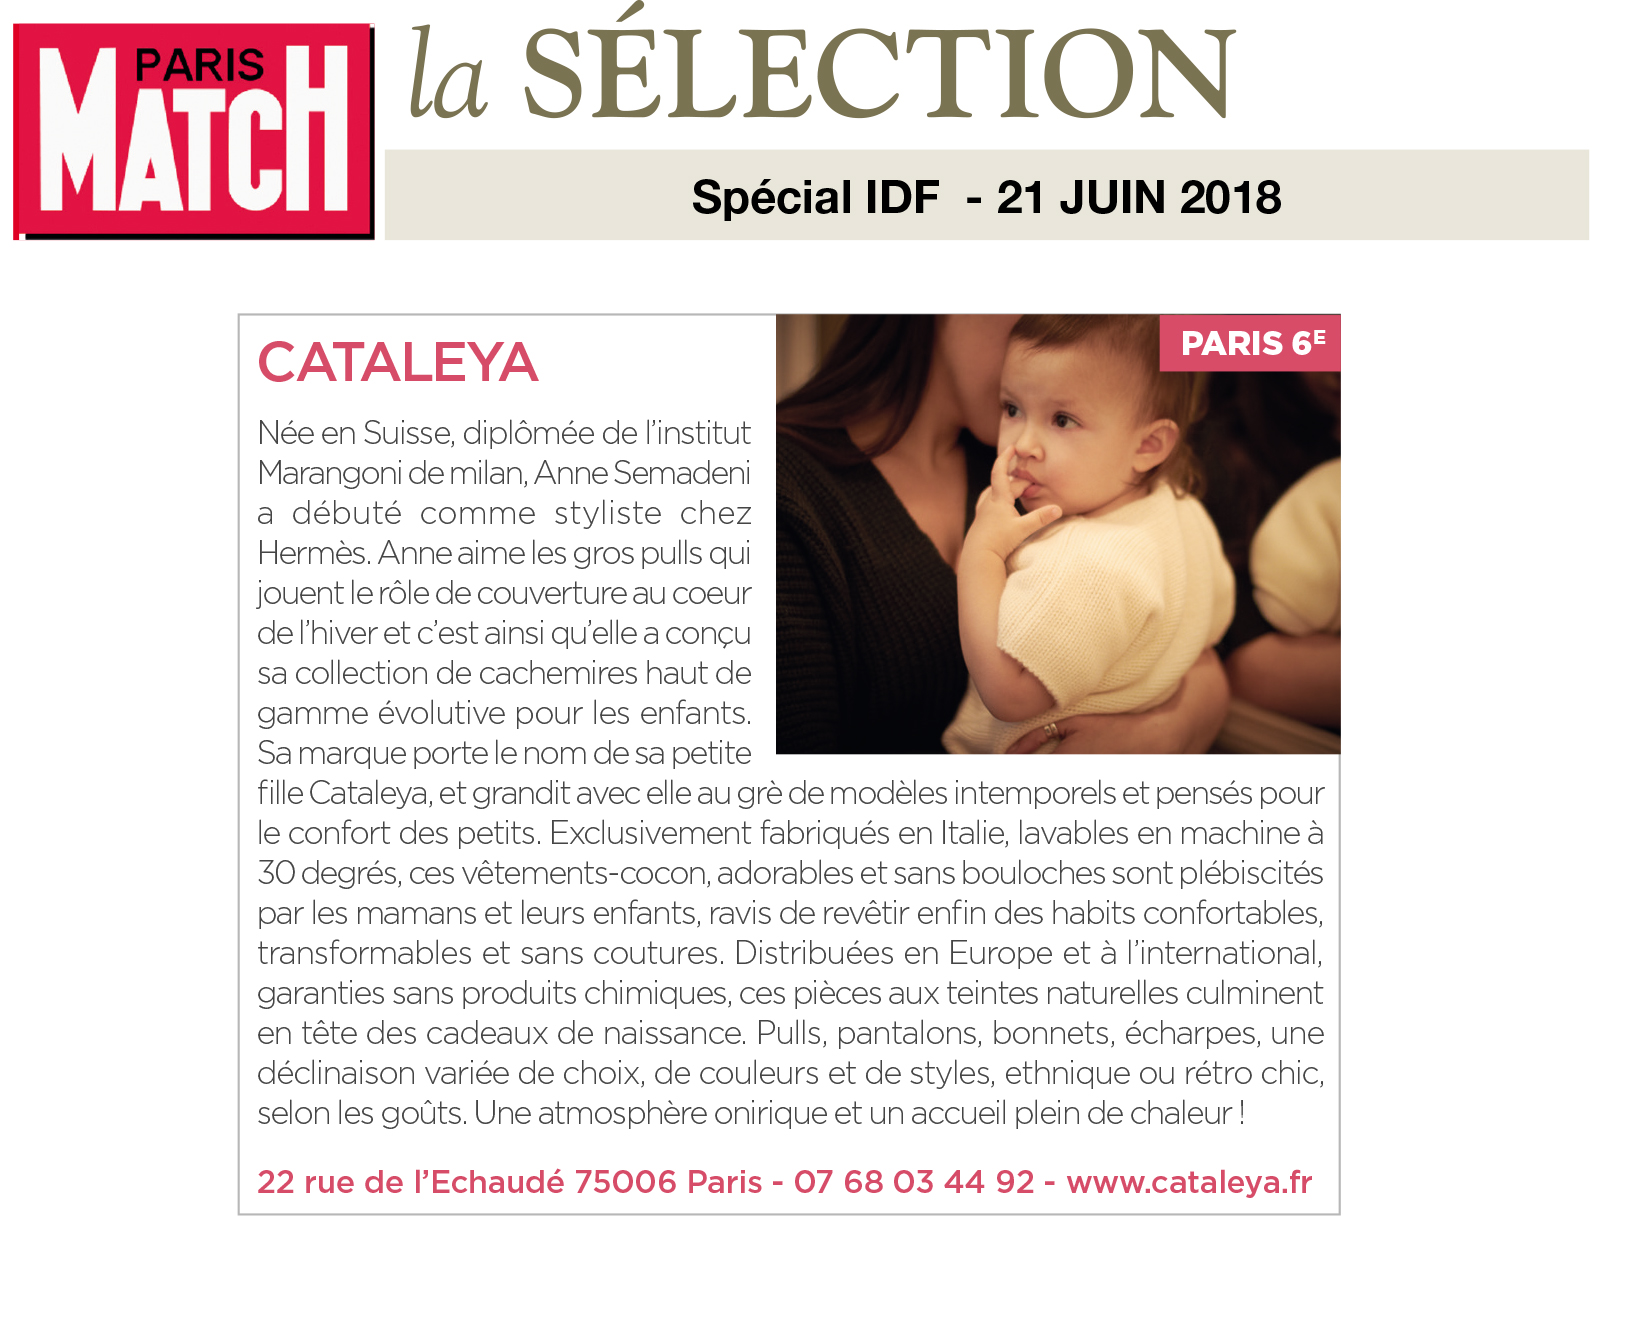 Paris Match - Cataleya sélectionné pour adresse à suivre à Paris